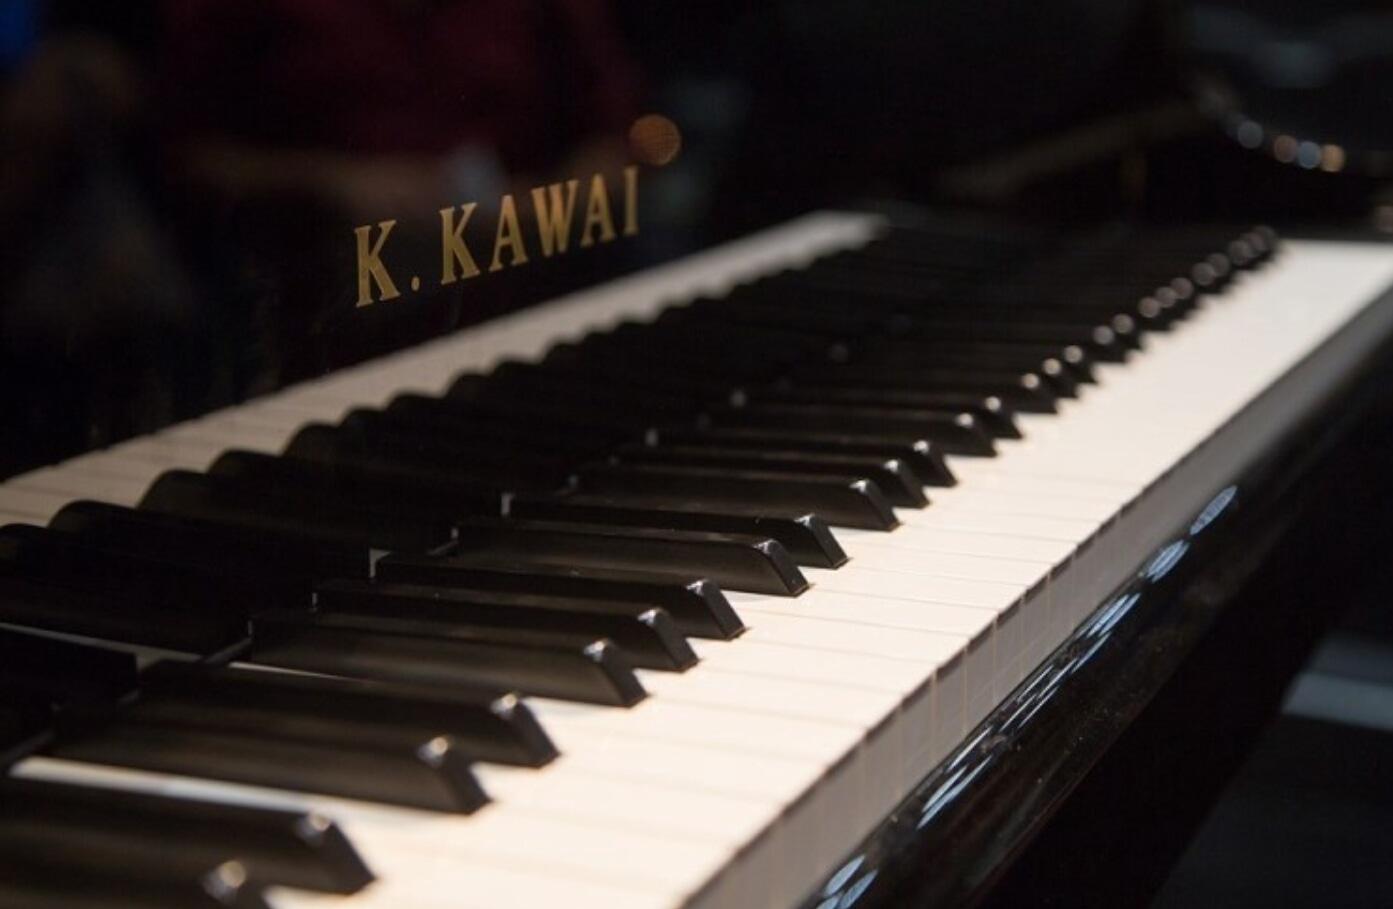 영창피아노 삼익피아노 중고피아노 삽니다